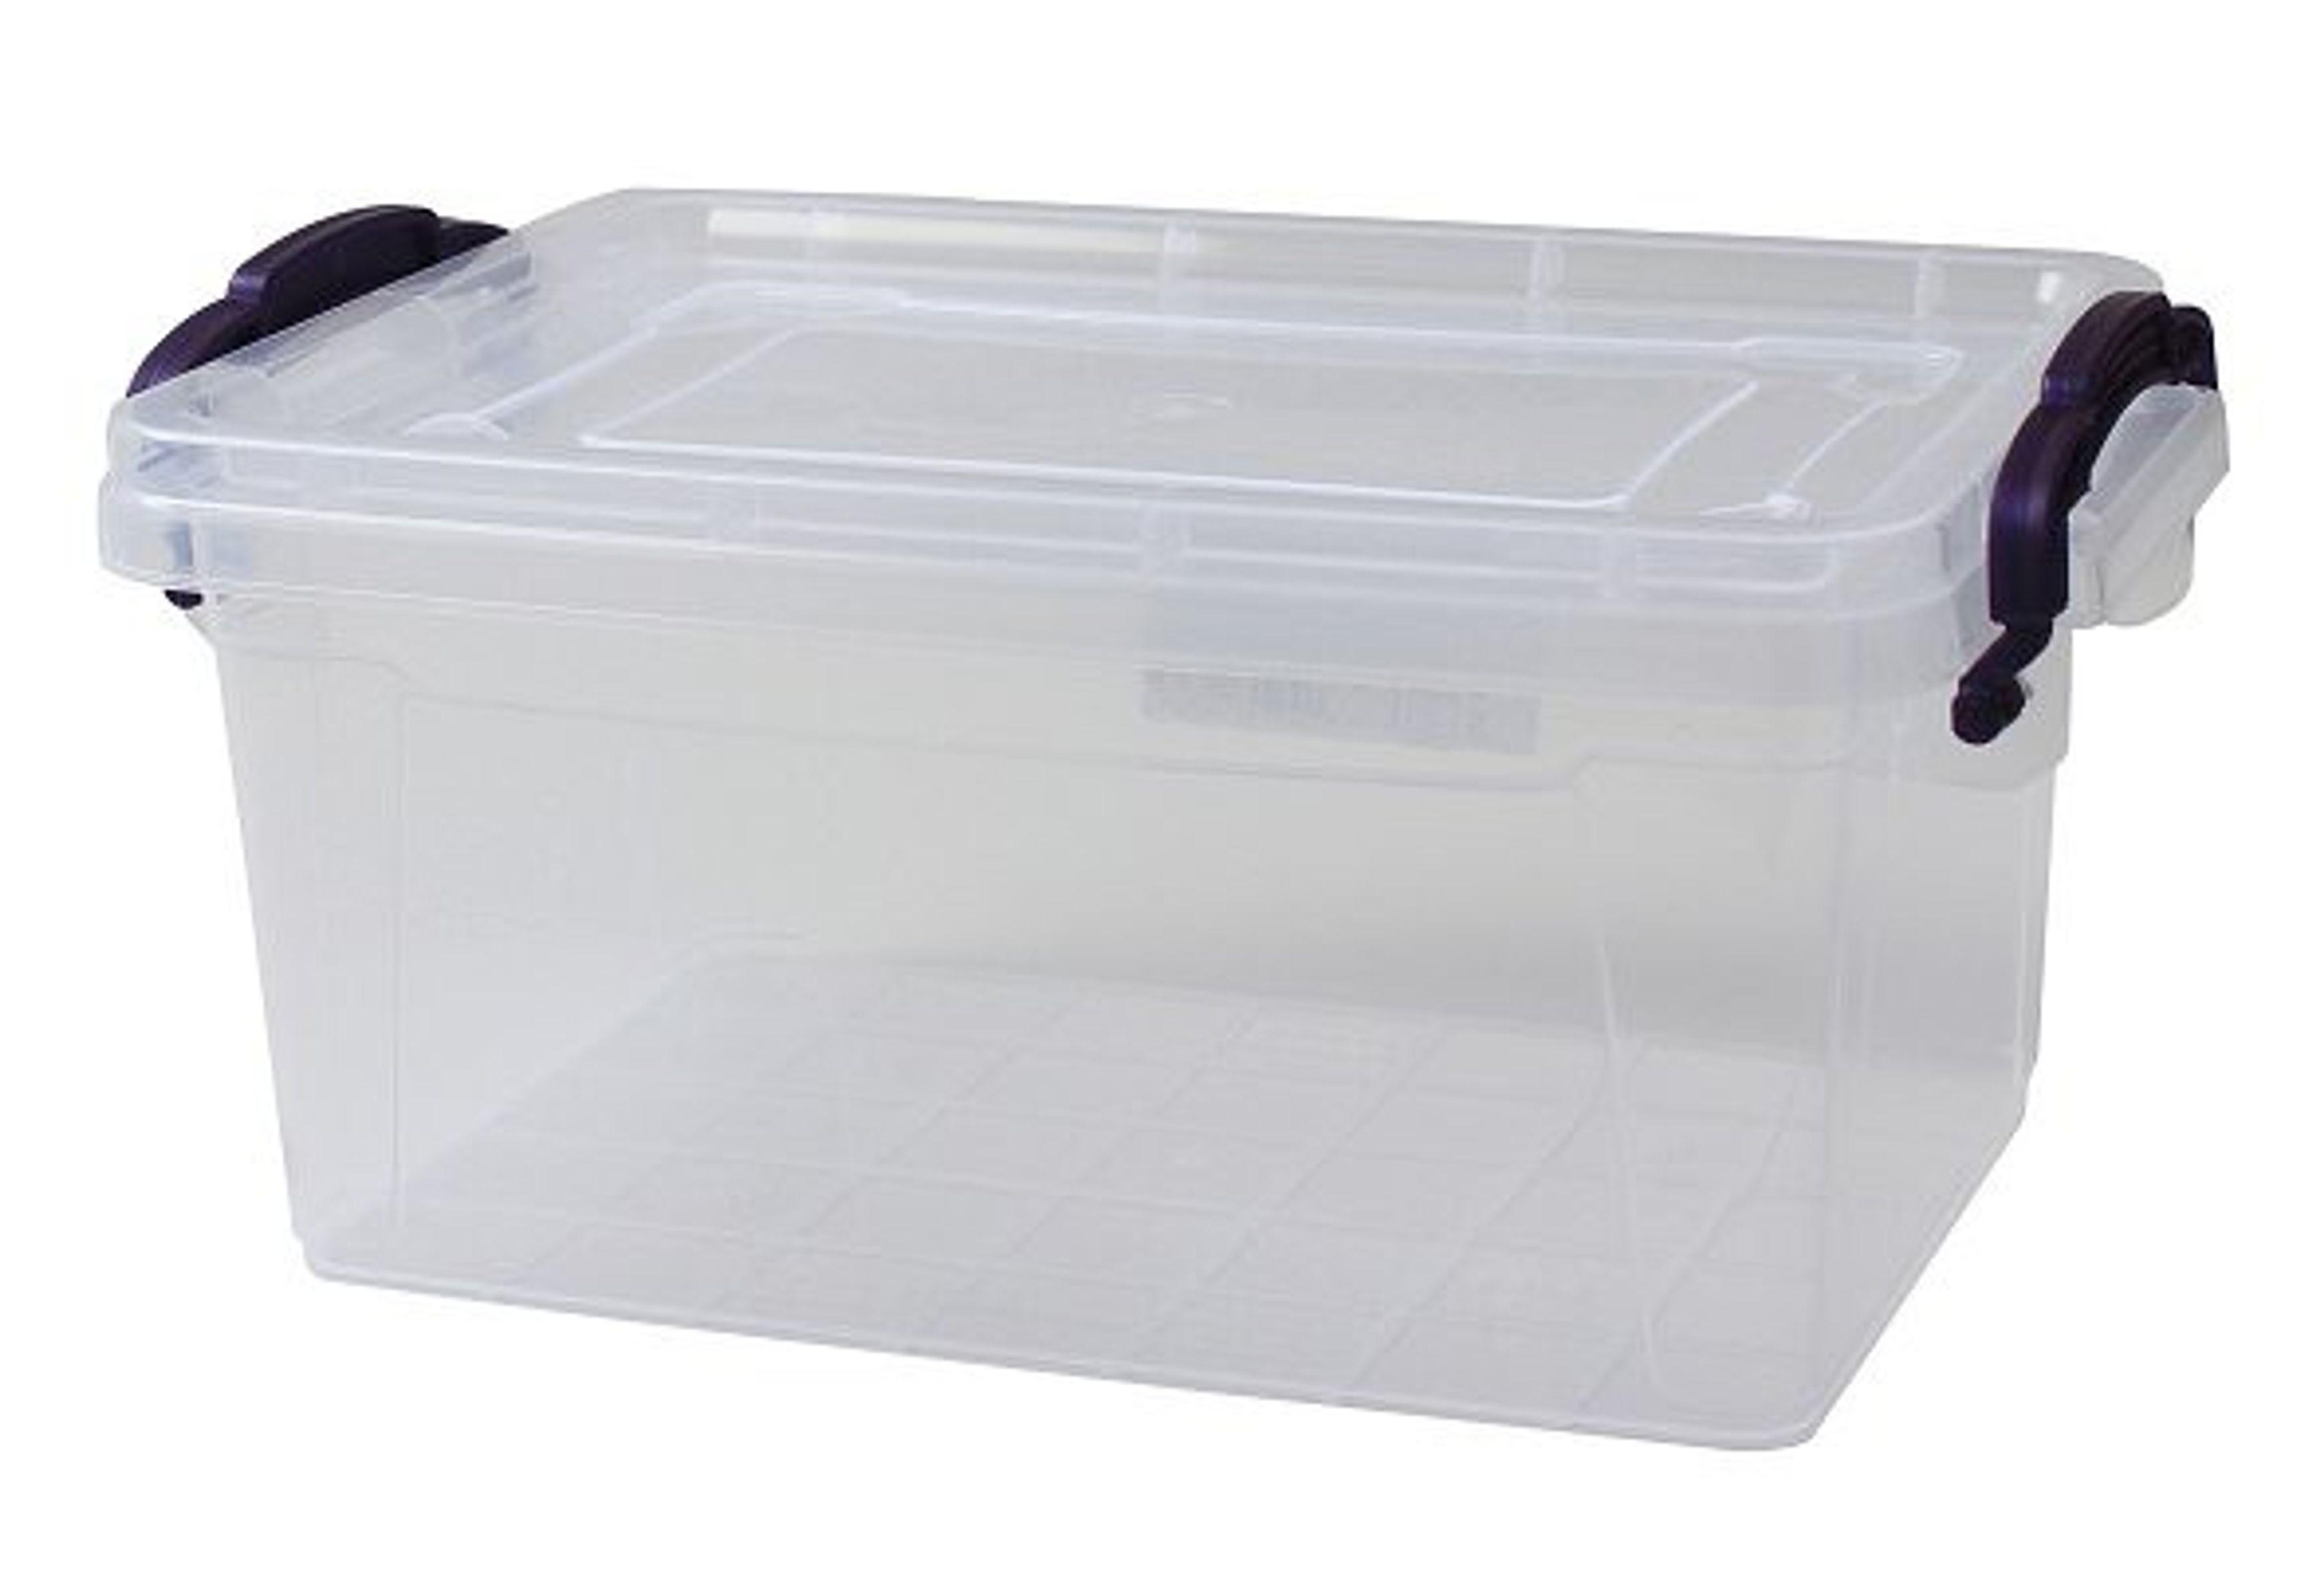 aufbewahrungsbox mit deckel griffen box lagerbox aufbewahrungskiste stapelbox ebay. Black Bedroom Furniture Sets. Home Design Ideas